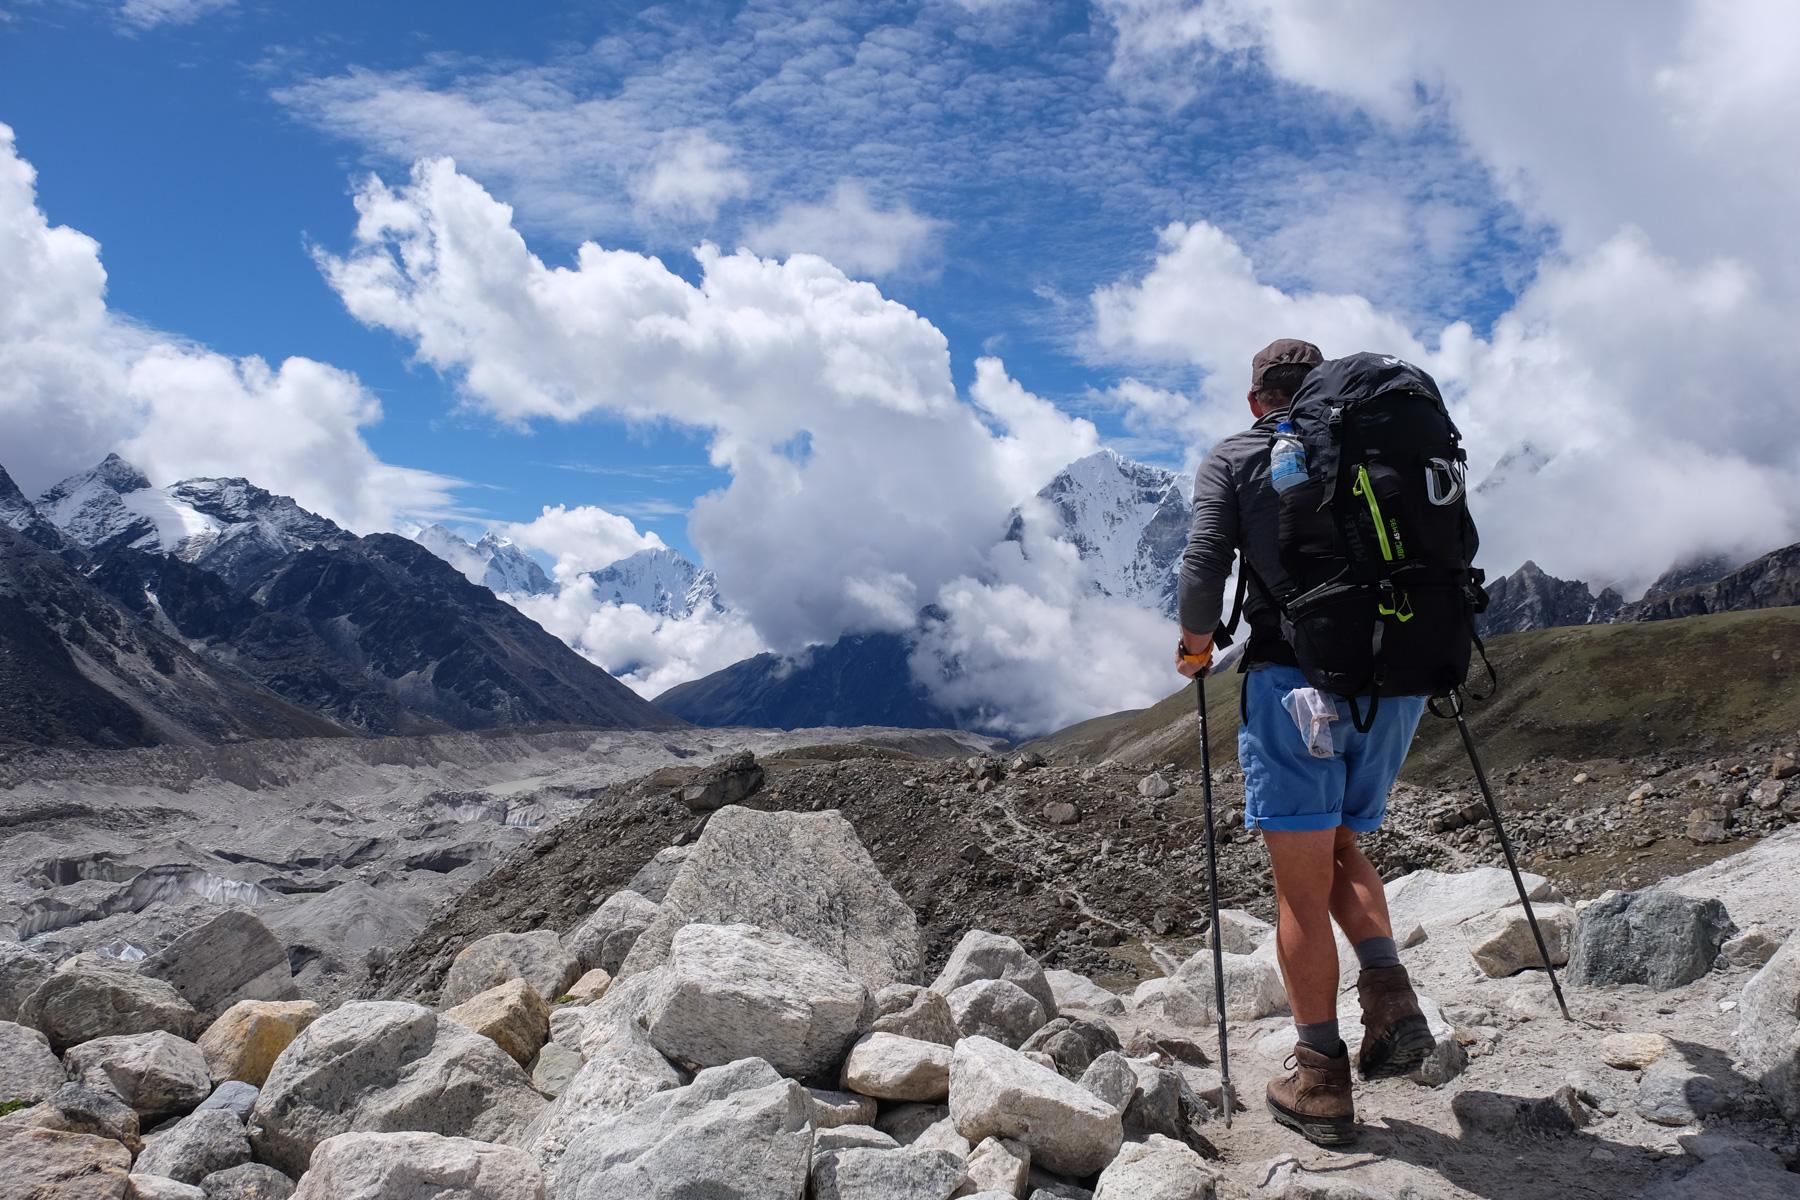 Kala Patthar & Gokyo, Everest 3 pass #3 28